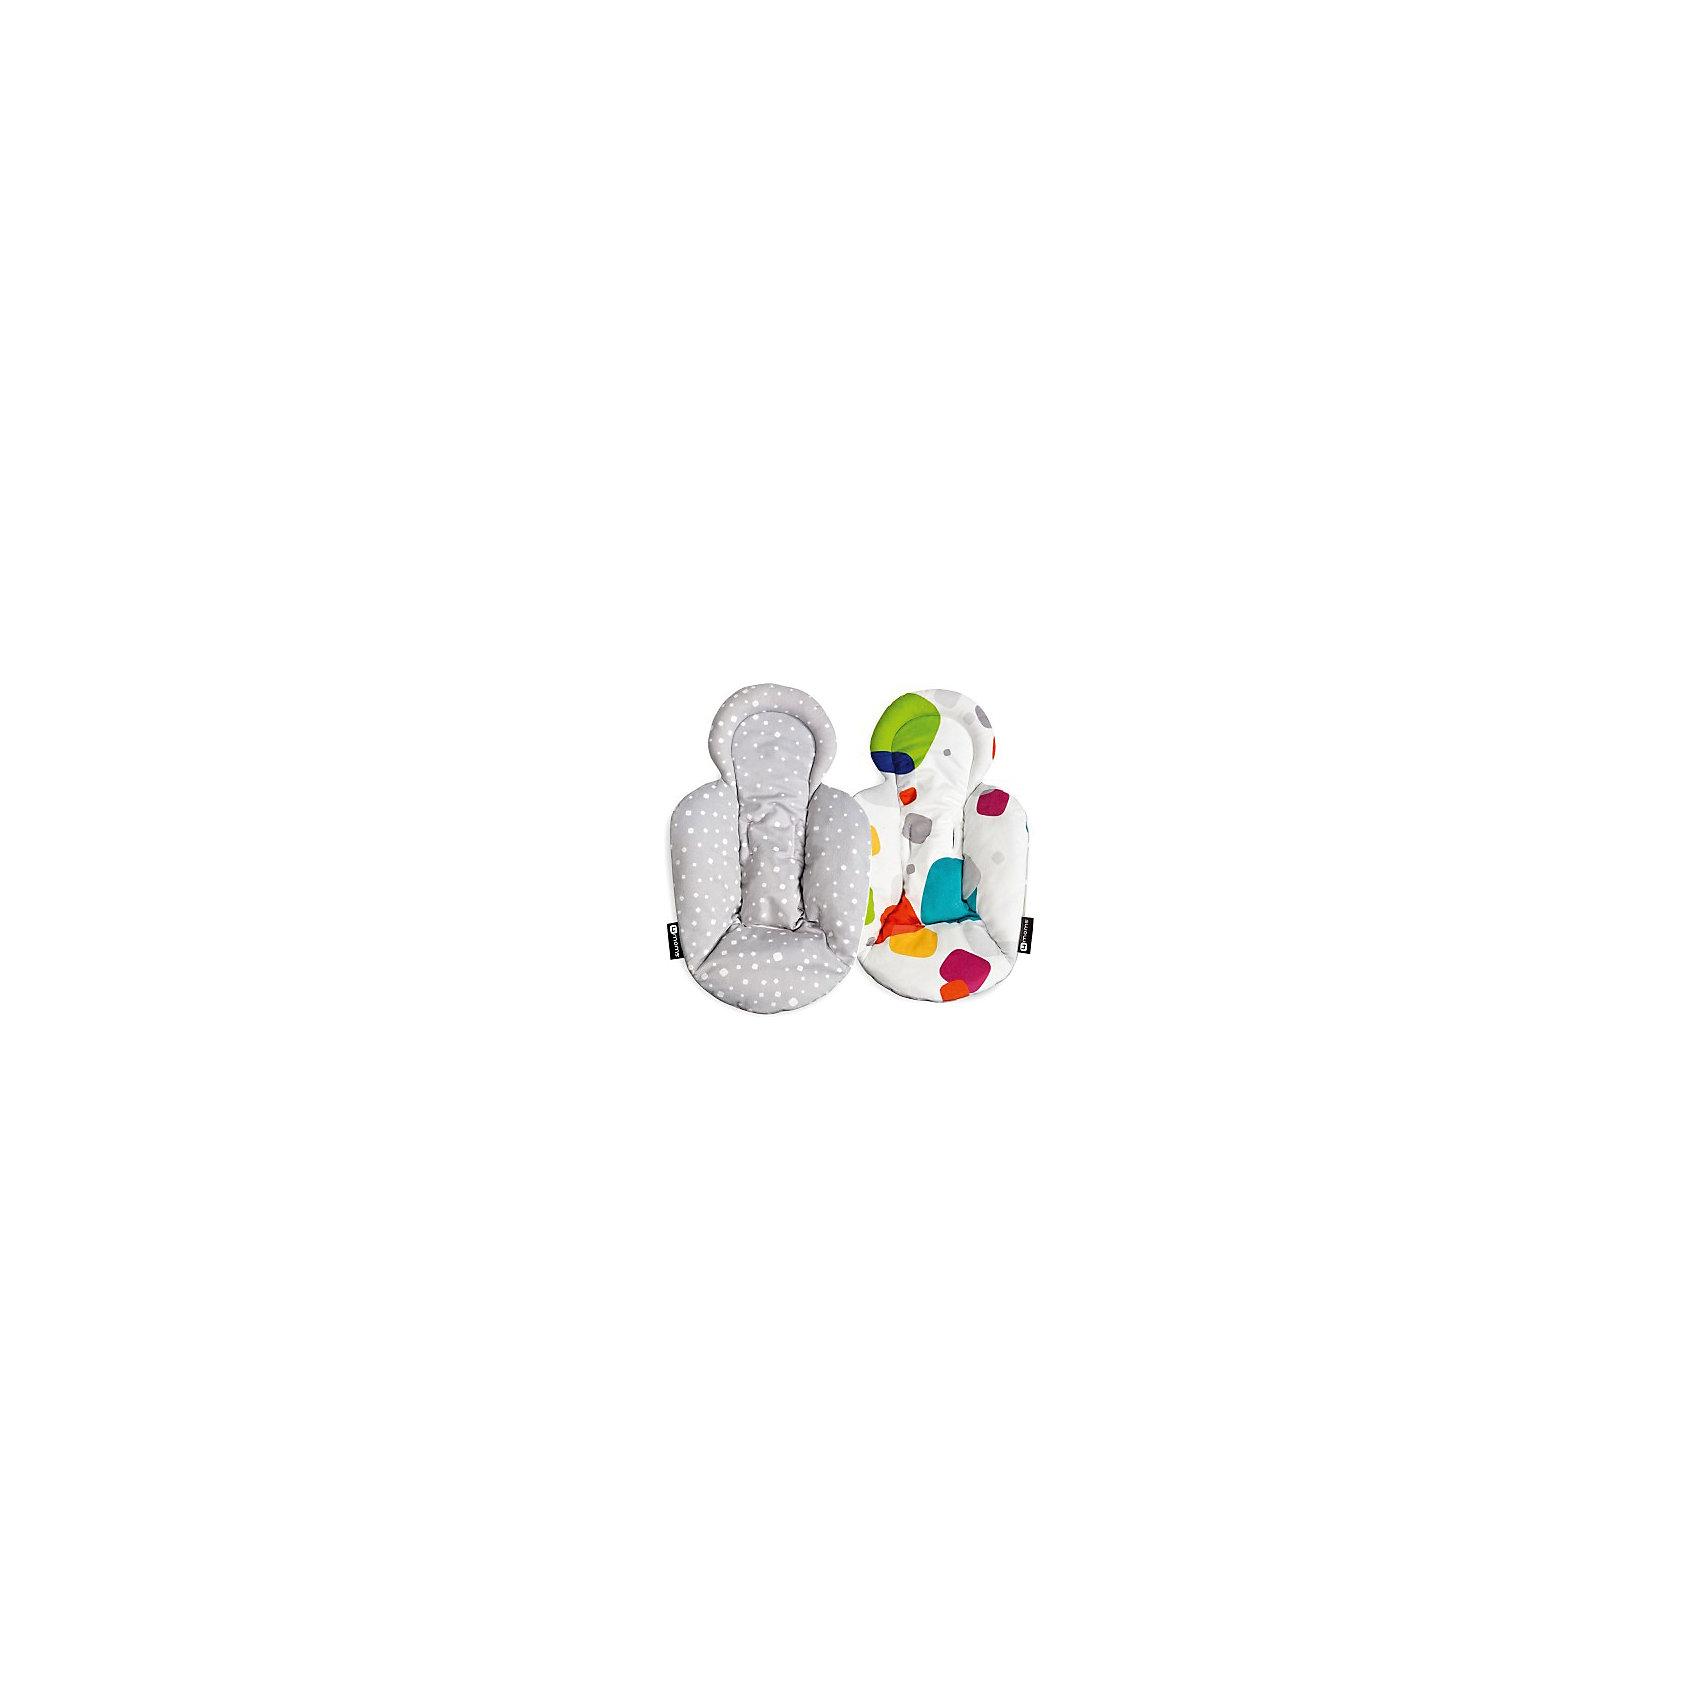 Вкладыш для шезлонга Мамару, 4momsШезлонги<br>Характеристики товара:<br><br>• возраст с рождения;<br>• материал: текстиль;<br>• размер упаковки 20х17х8 см;<br>• вес упаковки 500 гр.;<br>• страна производитель: США<br><br>Вкладыш для шезлонга 4moms MamaRoo — универсальный дополнительный вкладыш для кресло-качалки MamaRoo. Он обеспечит малышу комфортный и уютный сон или отдых. Вкладыш разработан с учетом анатомических особенностей новорожденного. Вкладыш сделан из качественных безопасных для малыша материалов, не вызывающих раздражения и аллергических реакций. На кресло крепится при помощи ремней безопасности, для которых предусмотрены прорези.<br><br>Вкладыш для шезлонга 4moms MamaRoo можно приобрести в нашем интернет-магазине.<br><br>Ширина мм: 200<br>Глубина мм: 120<br>Высота мм: 10<br>Вес г: 1400<br>Возраст от месяцев: 0<br>Возраст до месяцев: 48<br>Пол: Унисекс<br>Возраст: Детский<br>SKU: 6838660